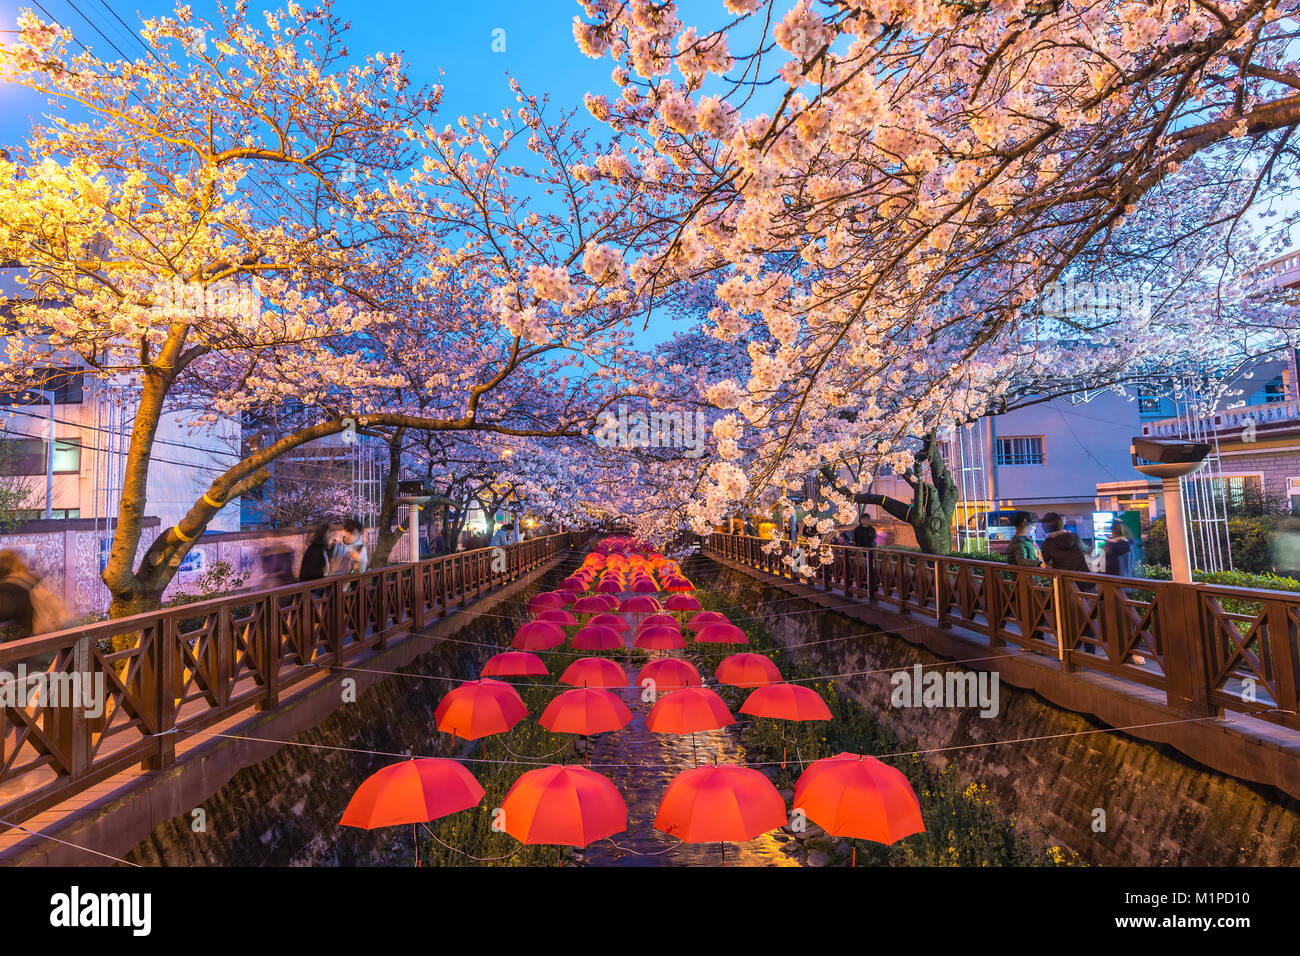 La molla Cherry Blossom Festival a flusso Yeojwacheon di notte, Jinhae, Corea del Sud Immagini Stock